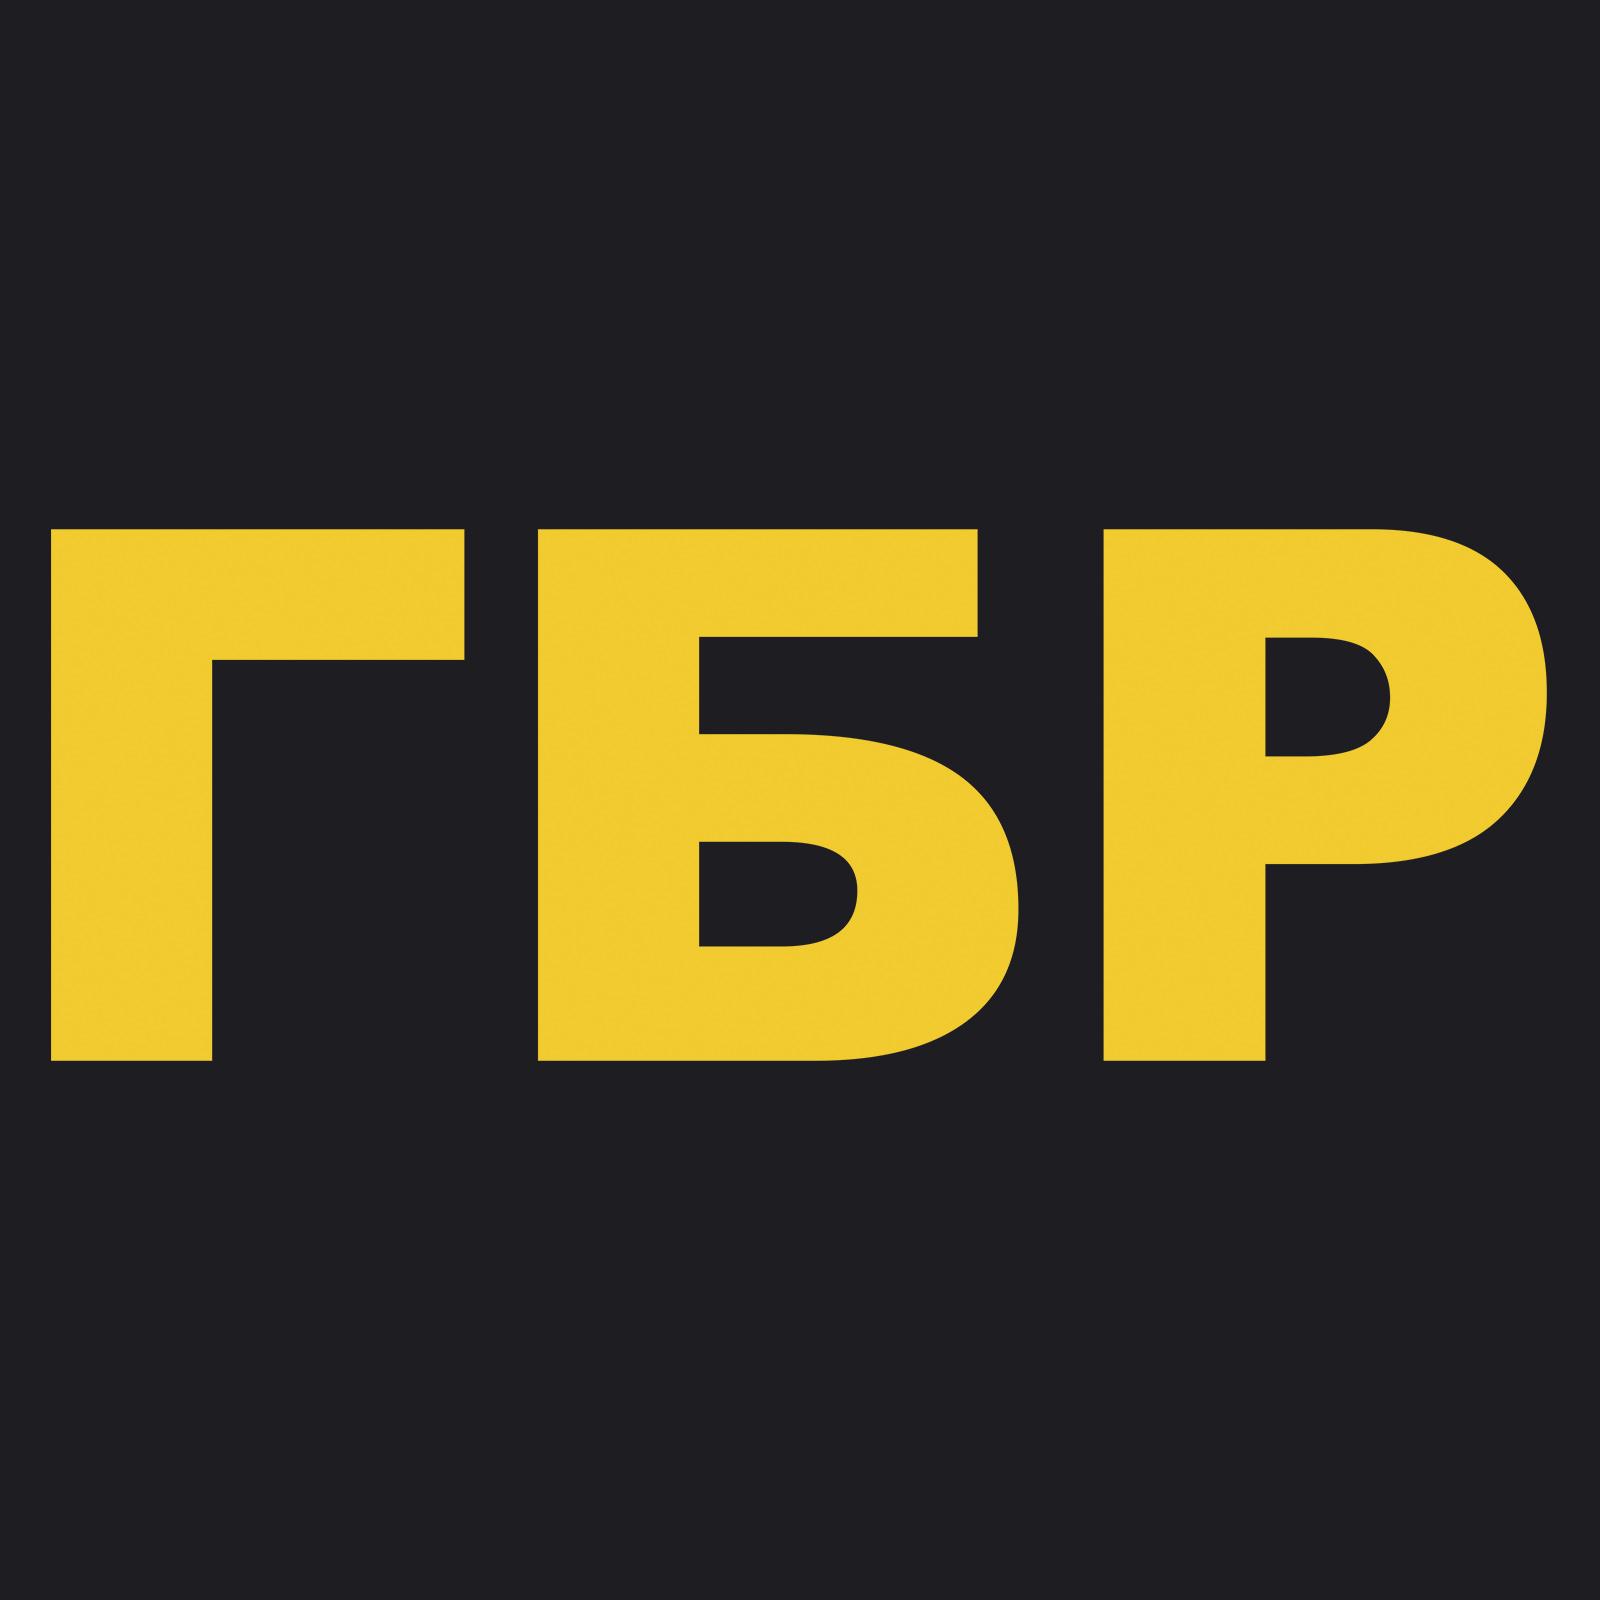 Футболка ГБР